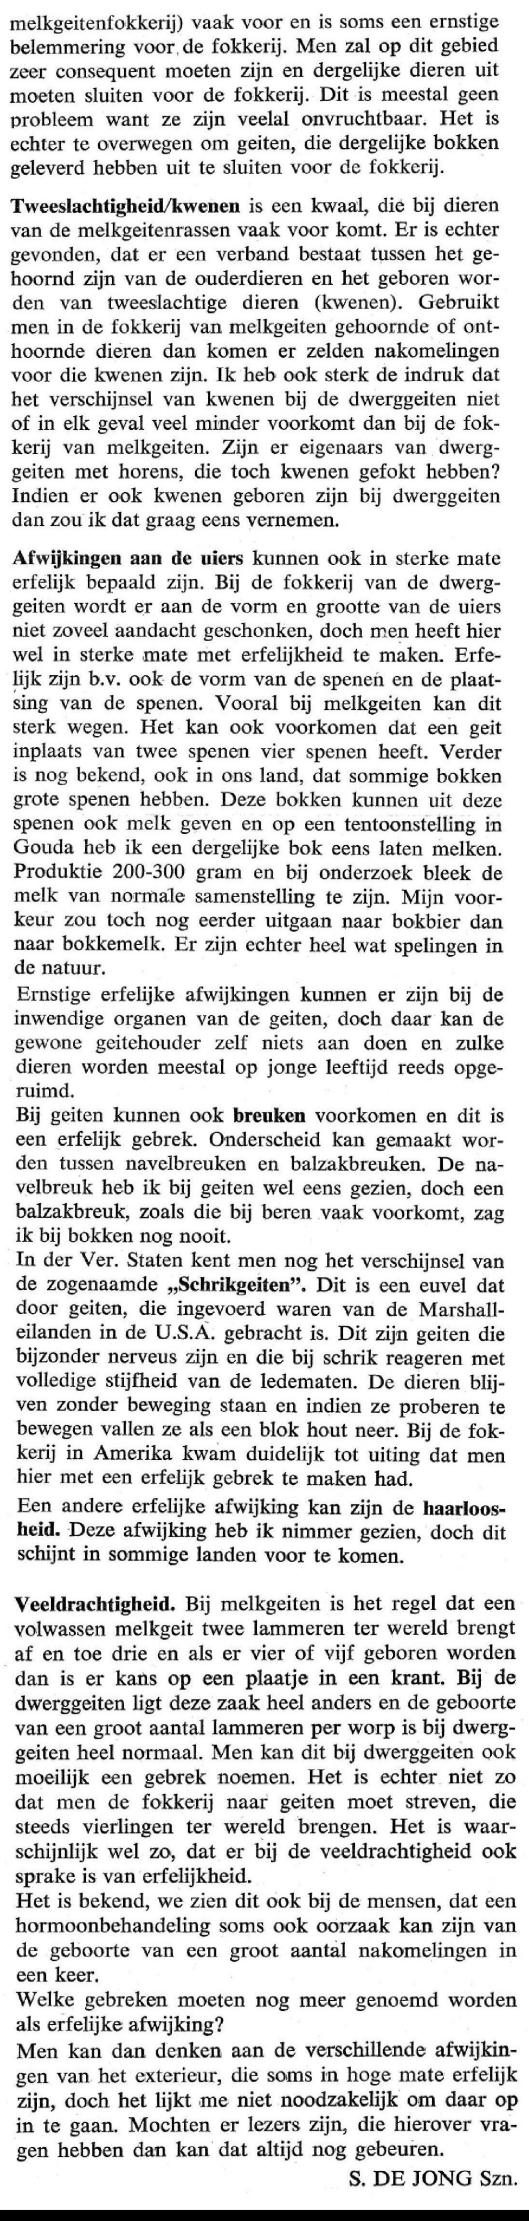 weblog-erfelijke-gebreken-en-afwijkingen-febr.-1978.page2_-e1545292154969.jpg